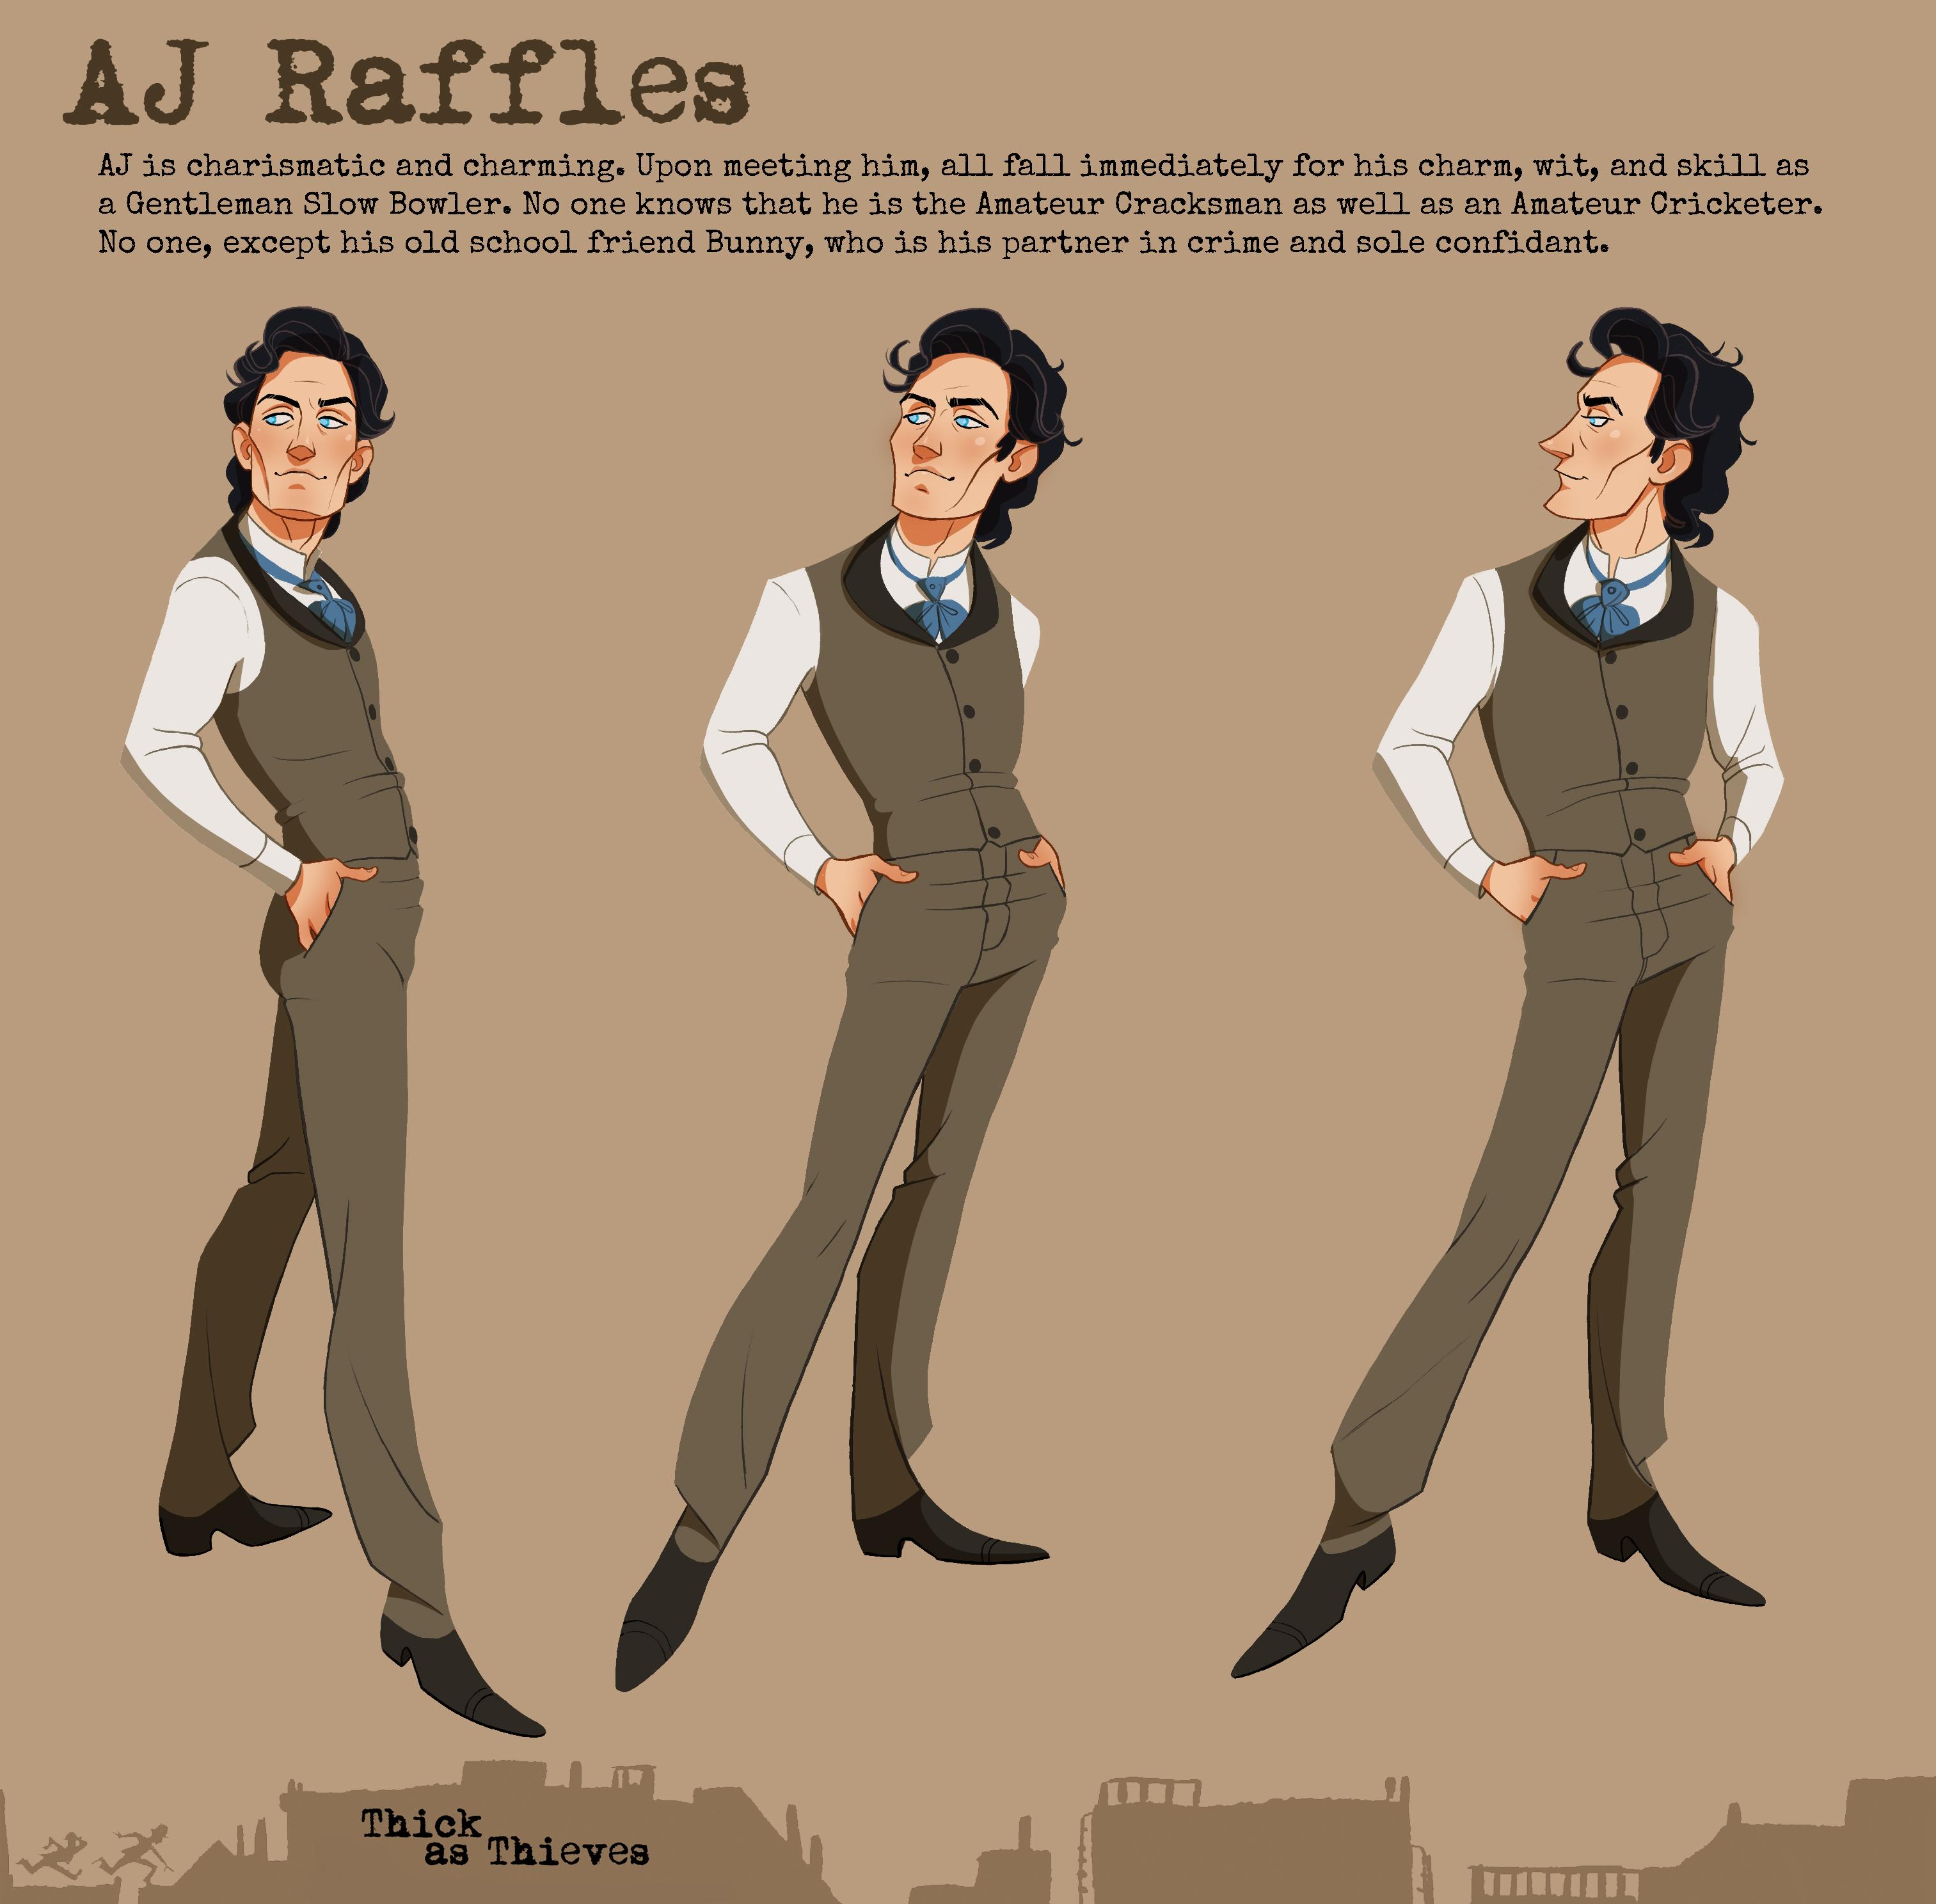 AJ Raffles